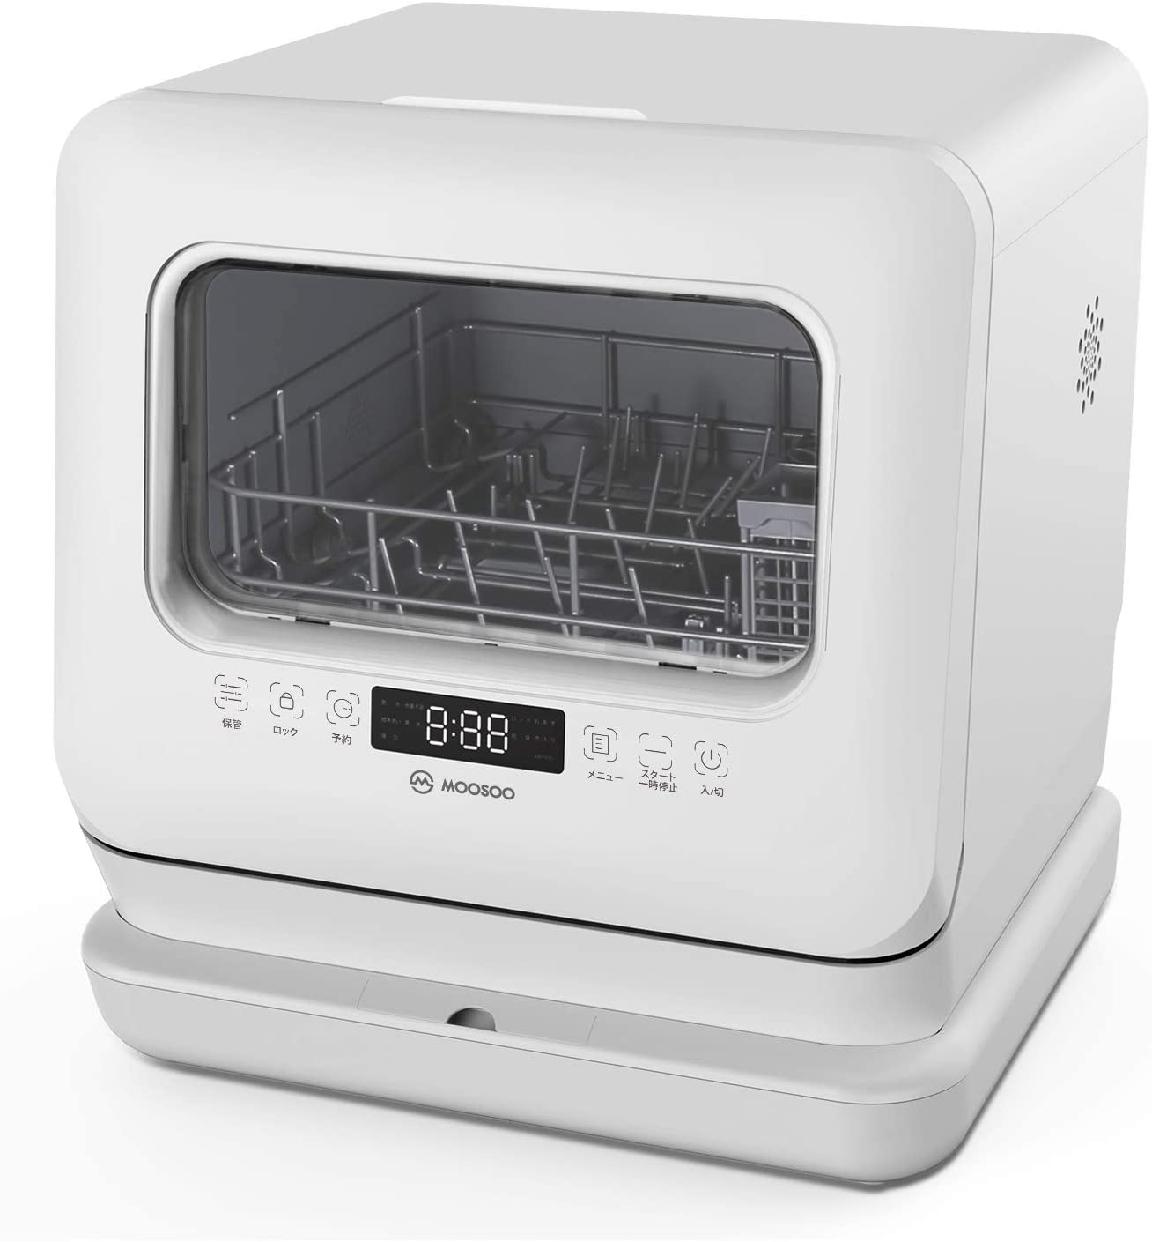 MooSoo(モーソー) 食器洗い乾燥機 MX10の商品画像